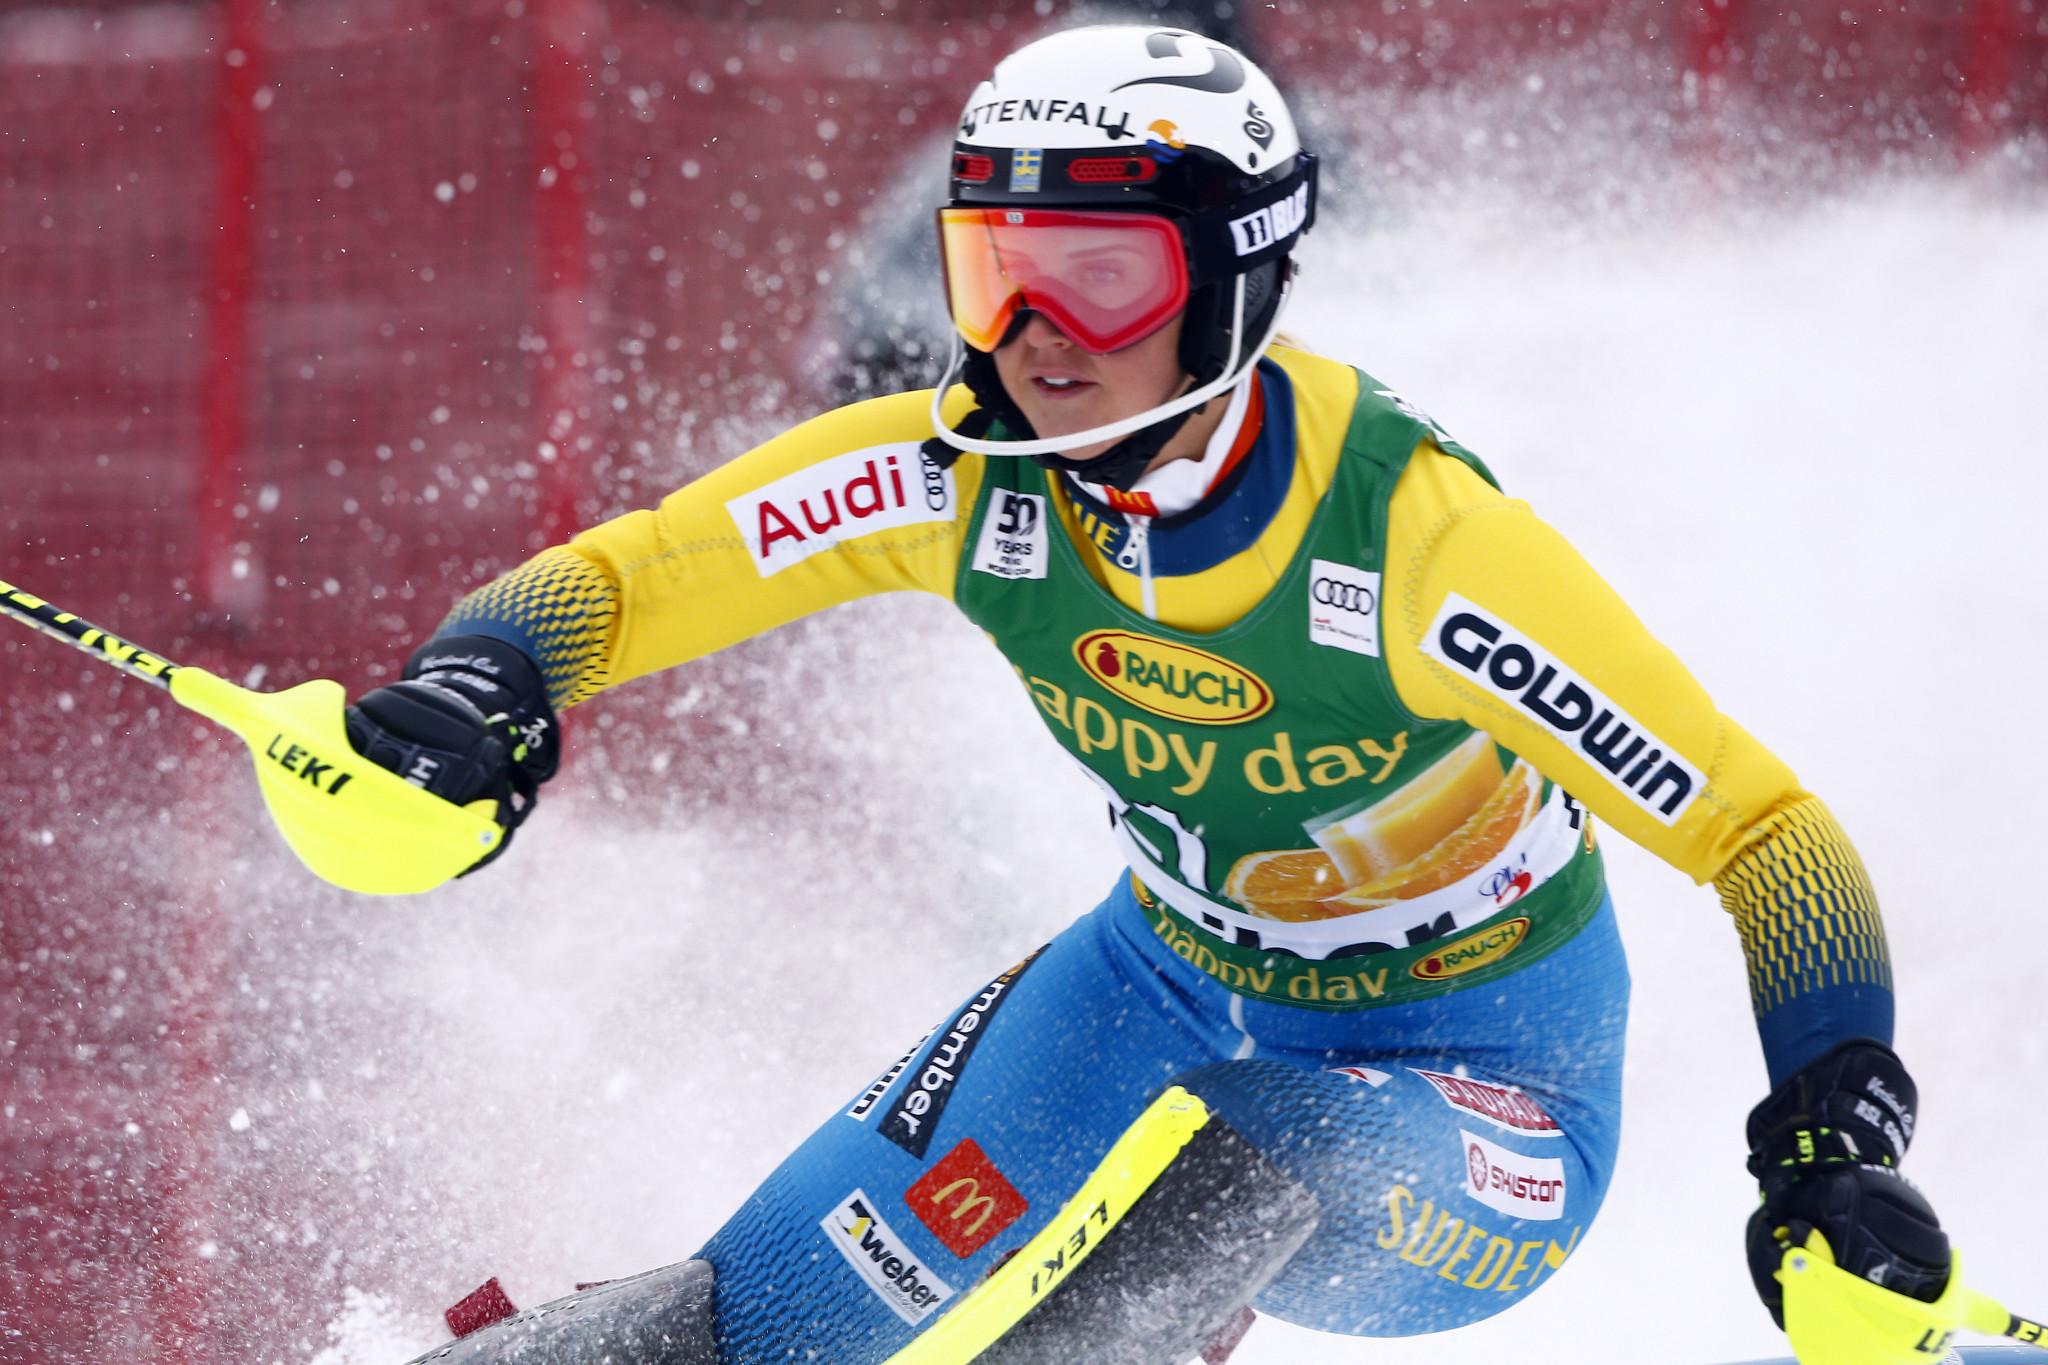 Swedish Alpine skier Wikström retires at 29